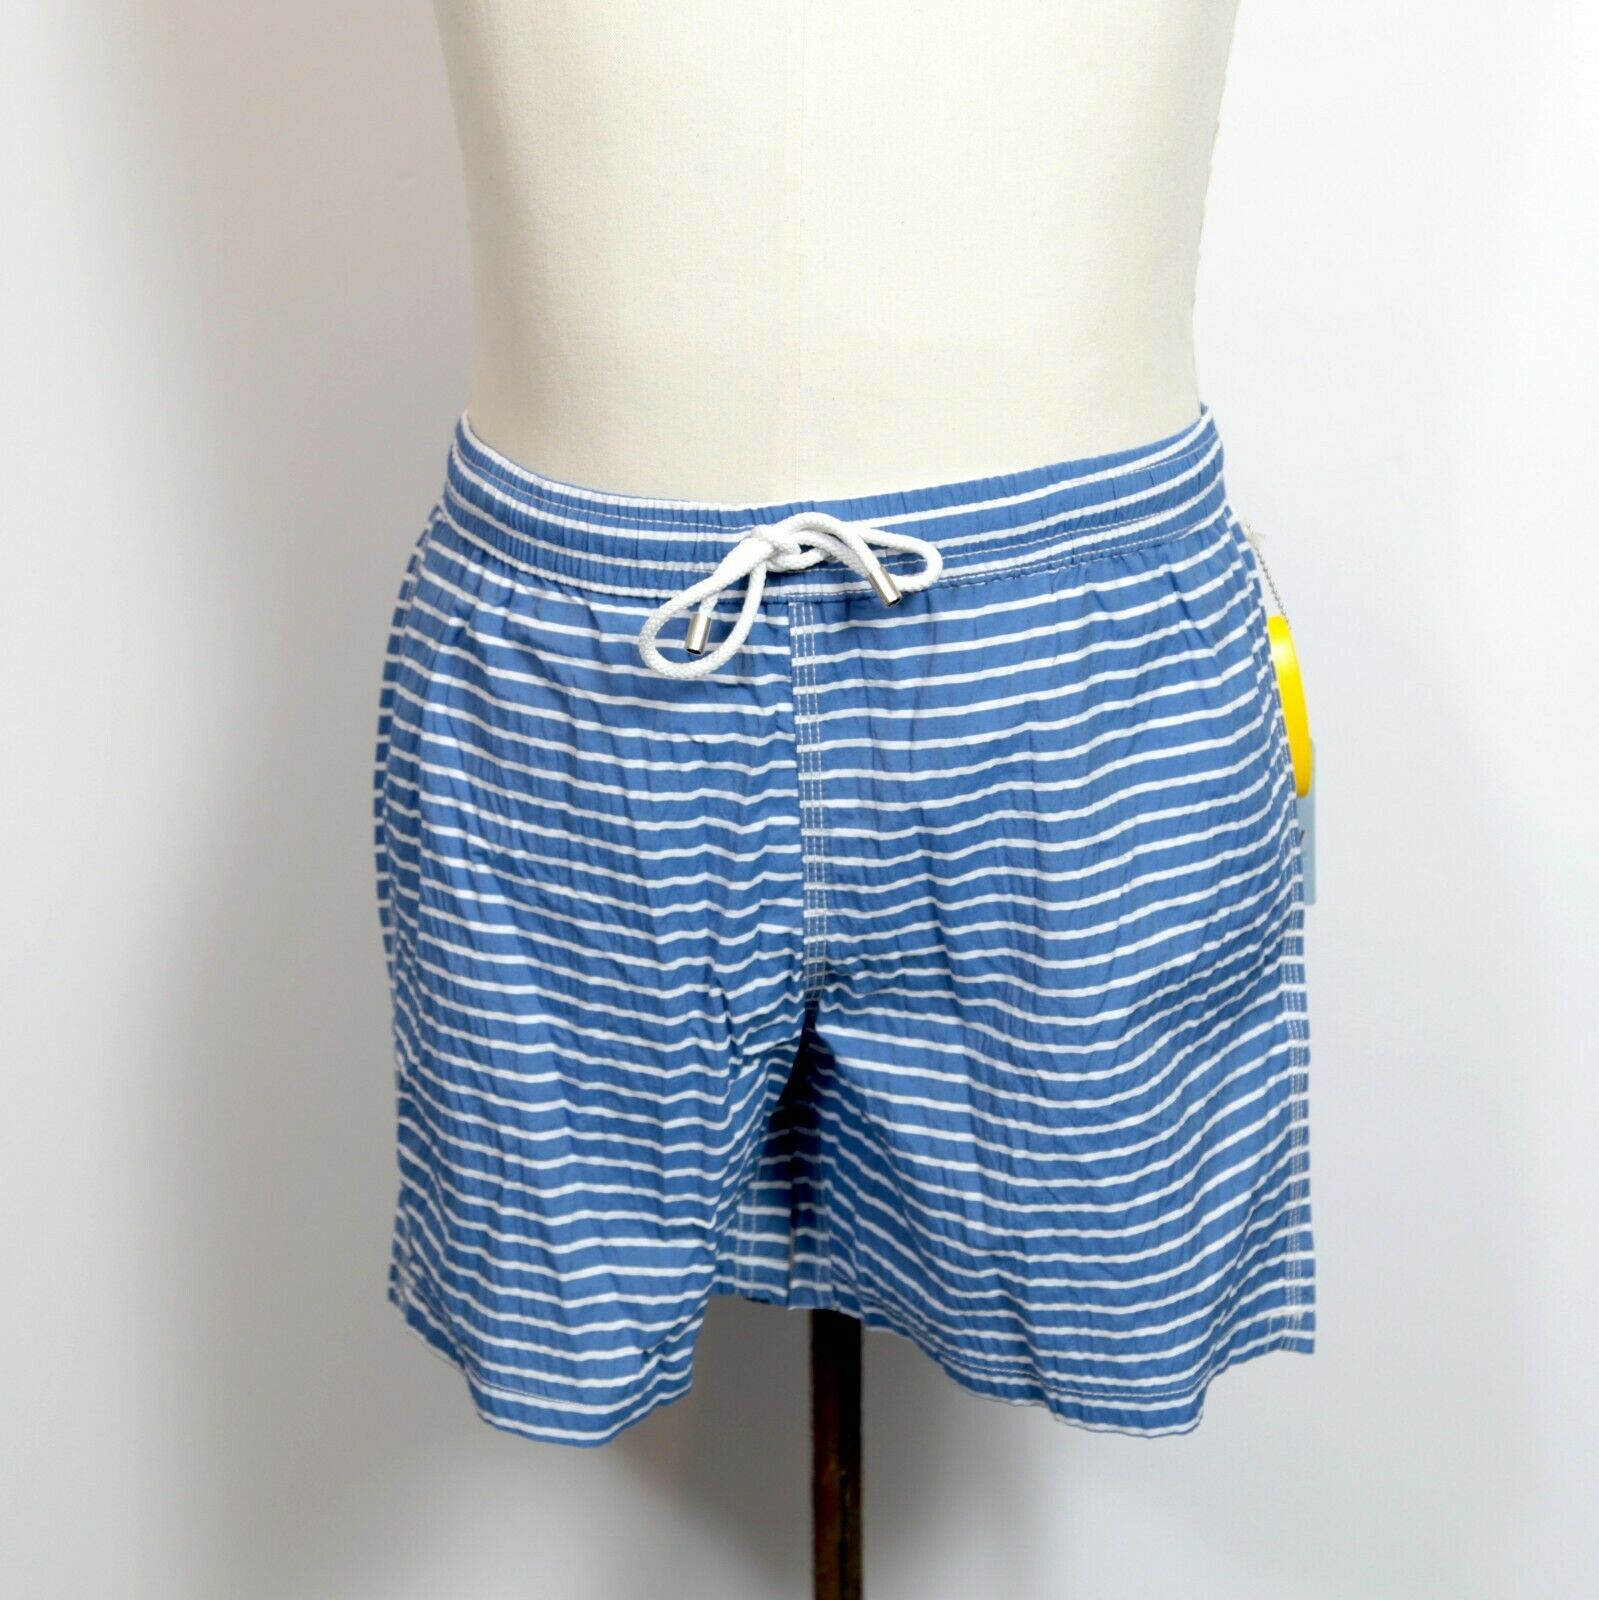 Hartford bluee With White Stripe Print Swim Trunks NWT Various Sizes Retail